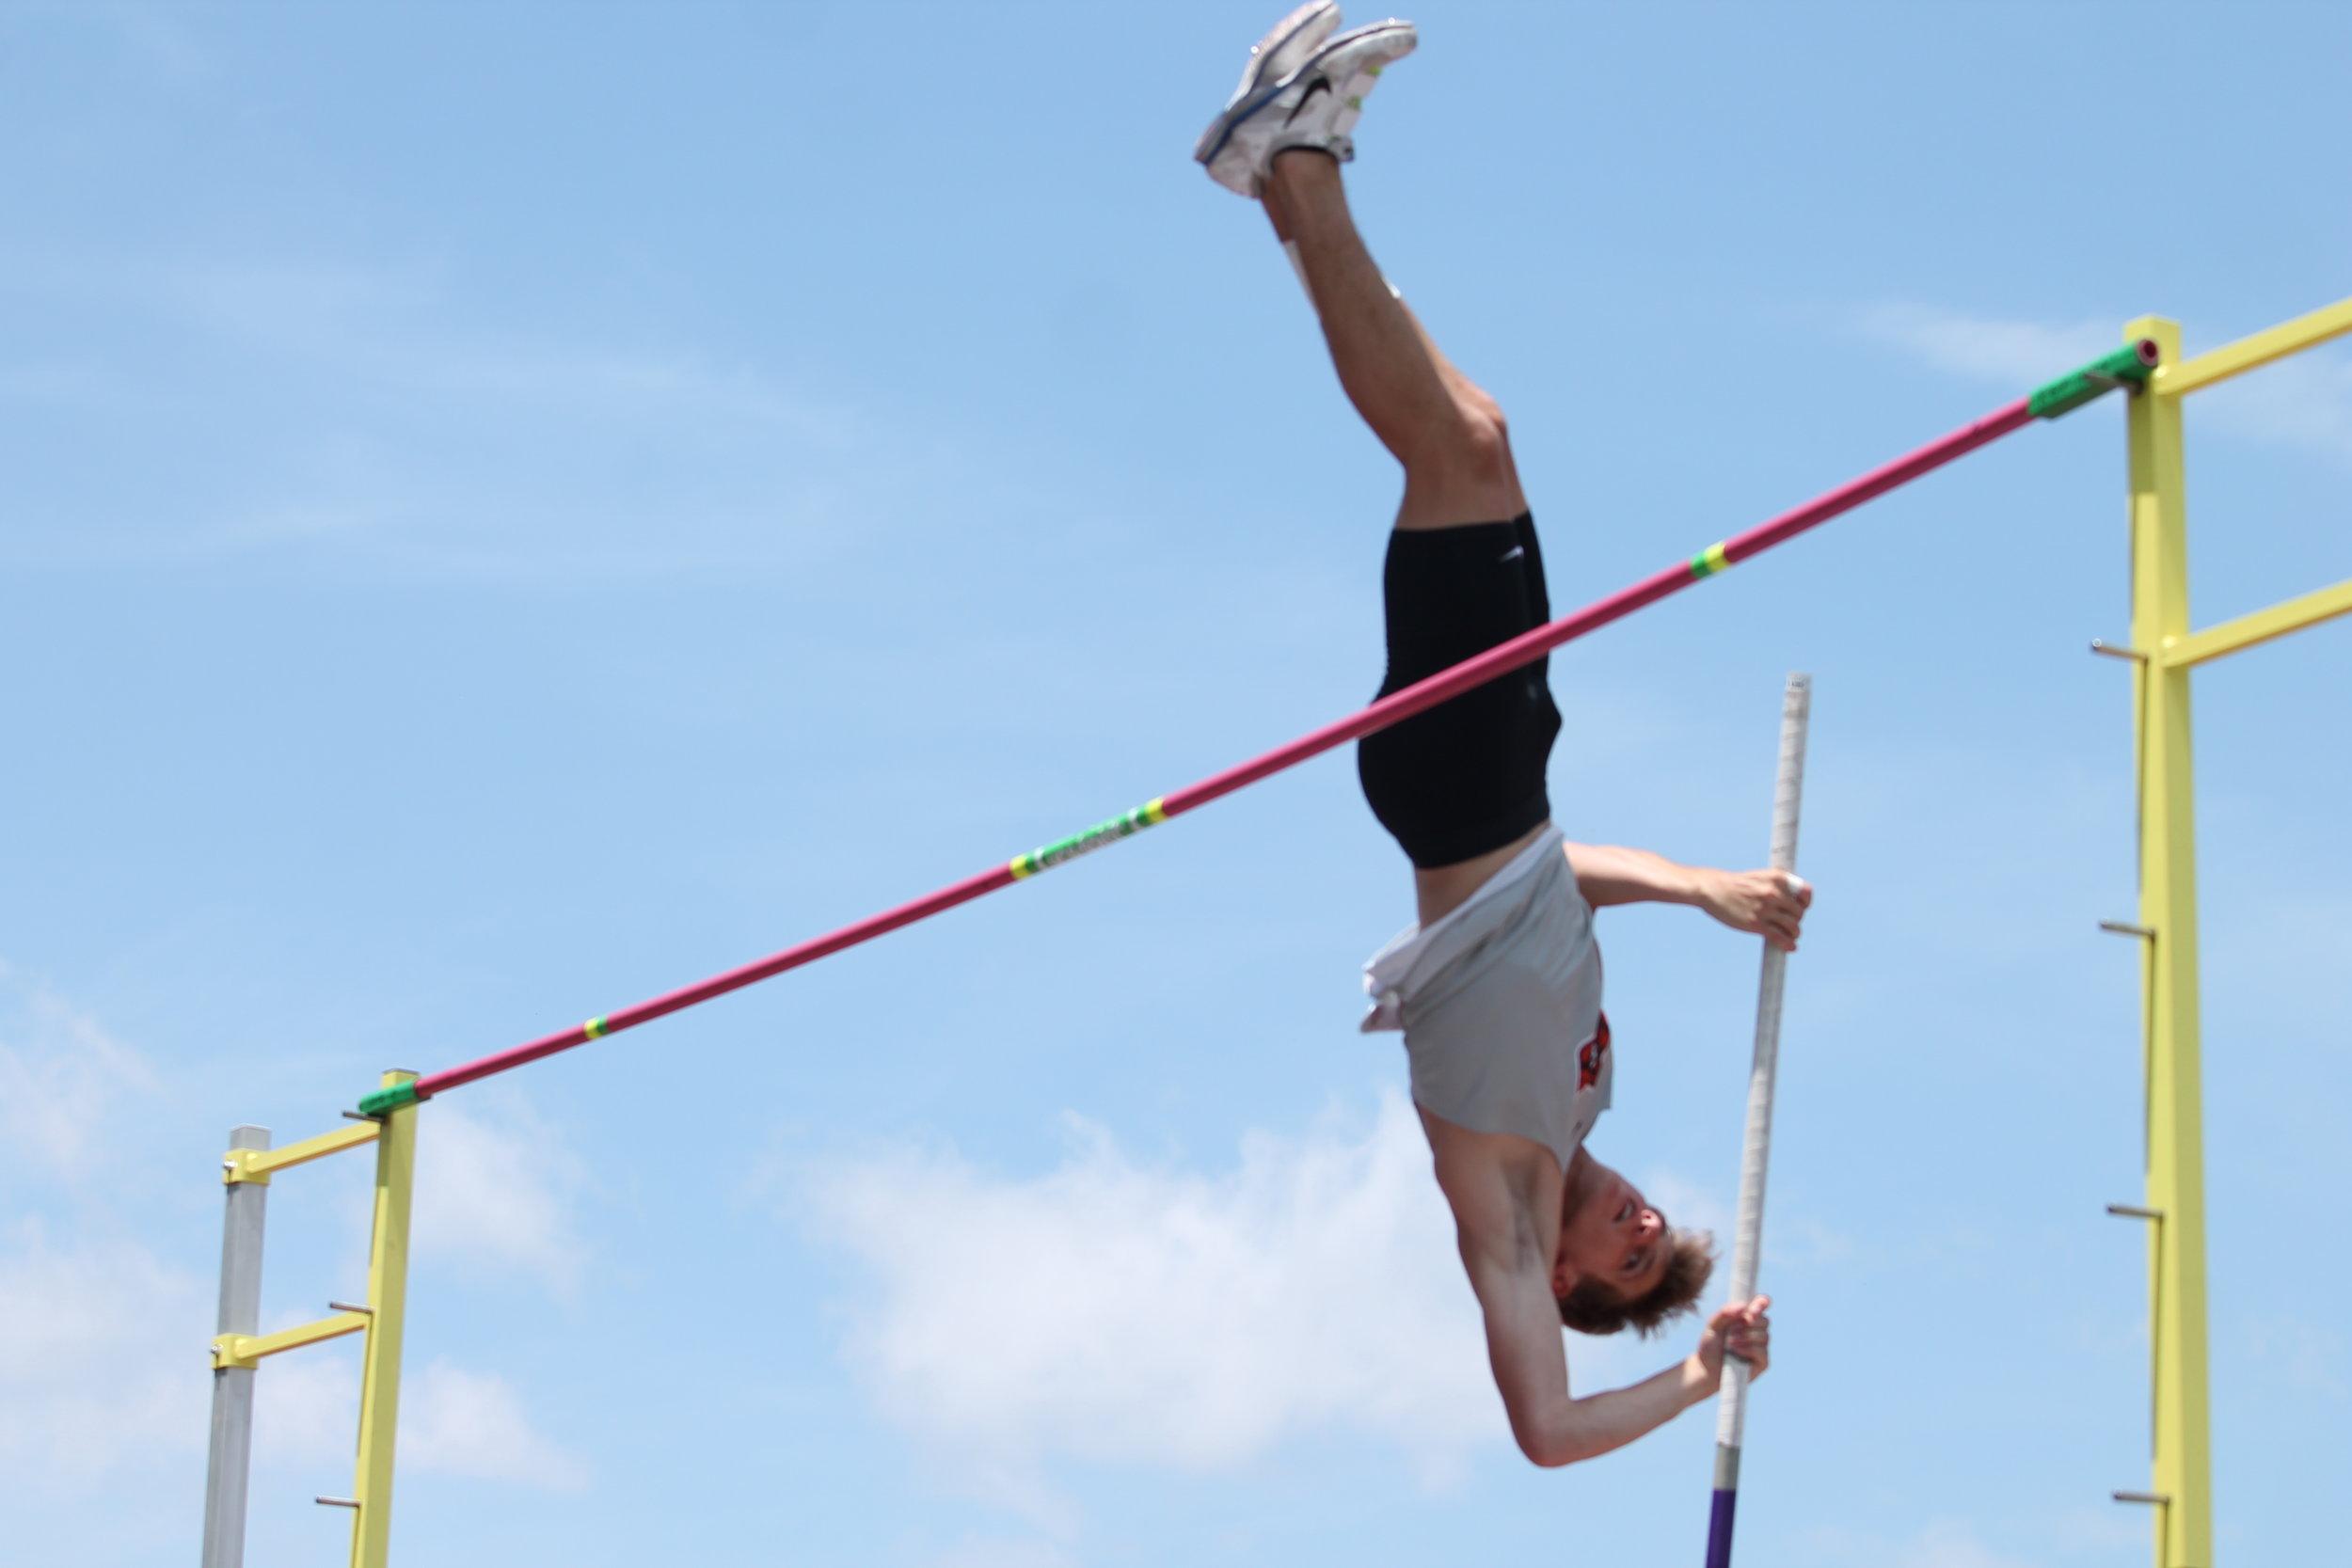 Laures jump.jpg